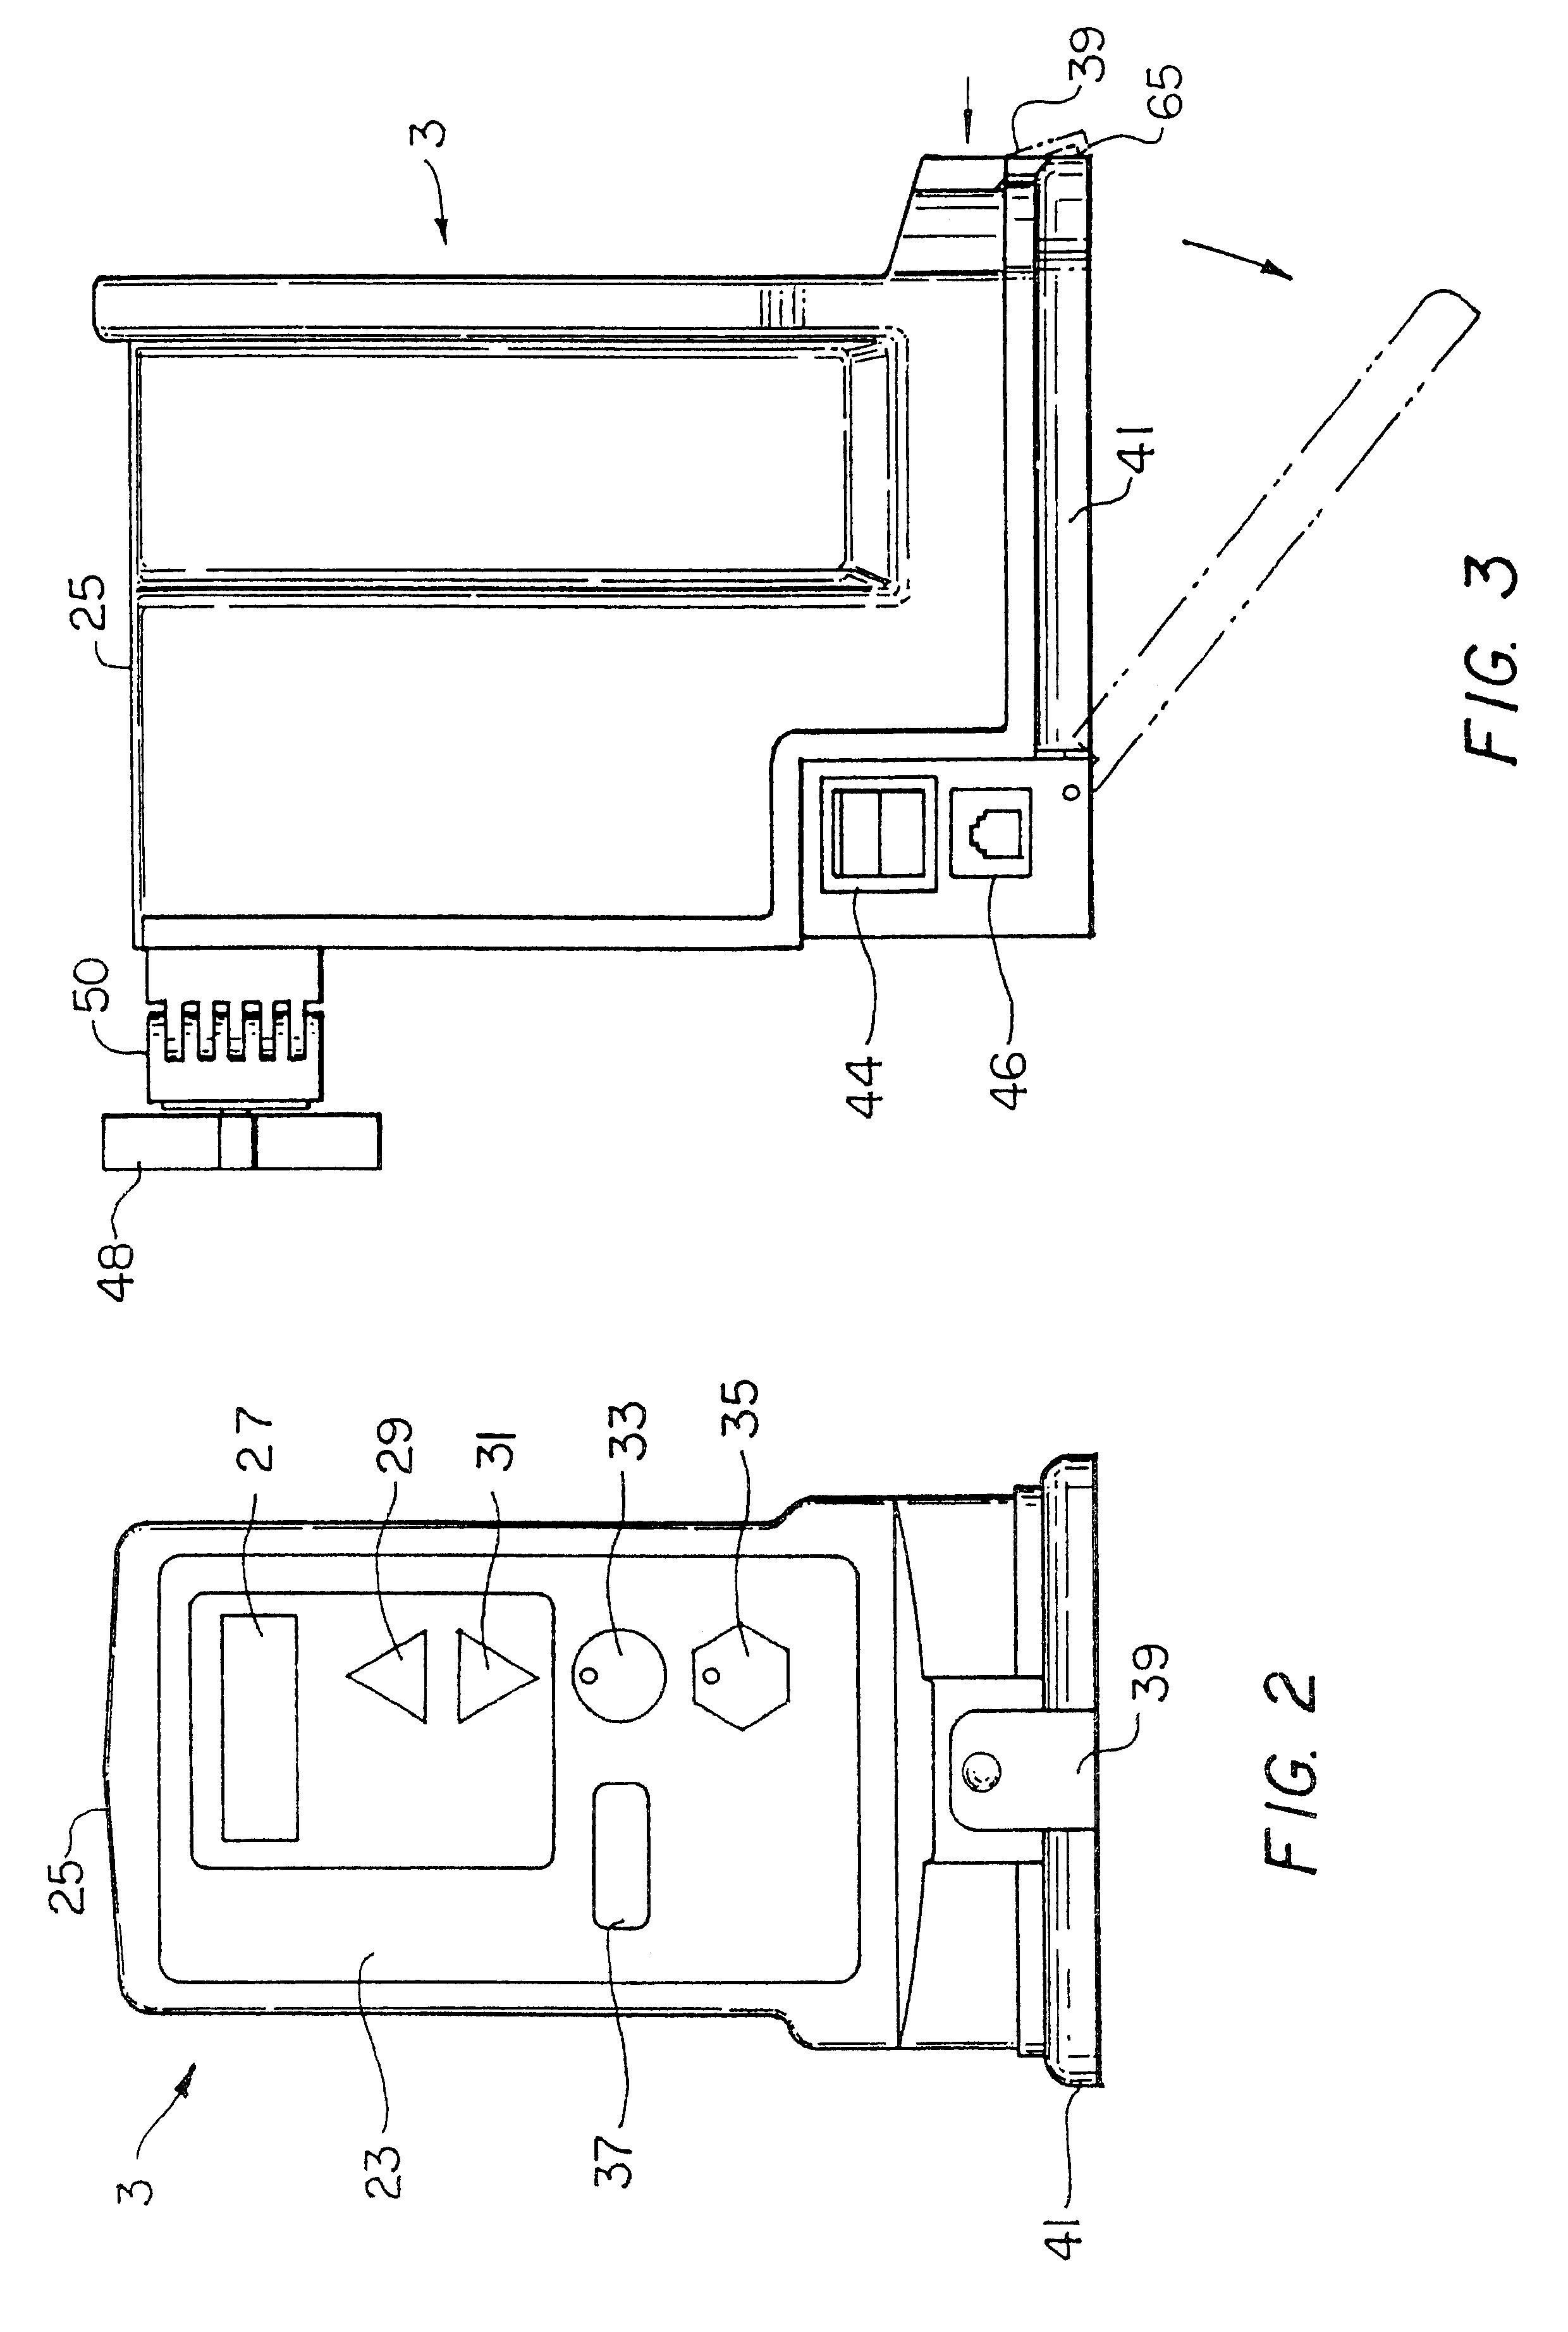 patent us6436072